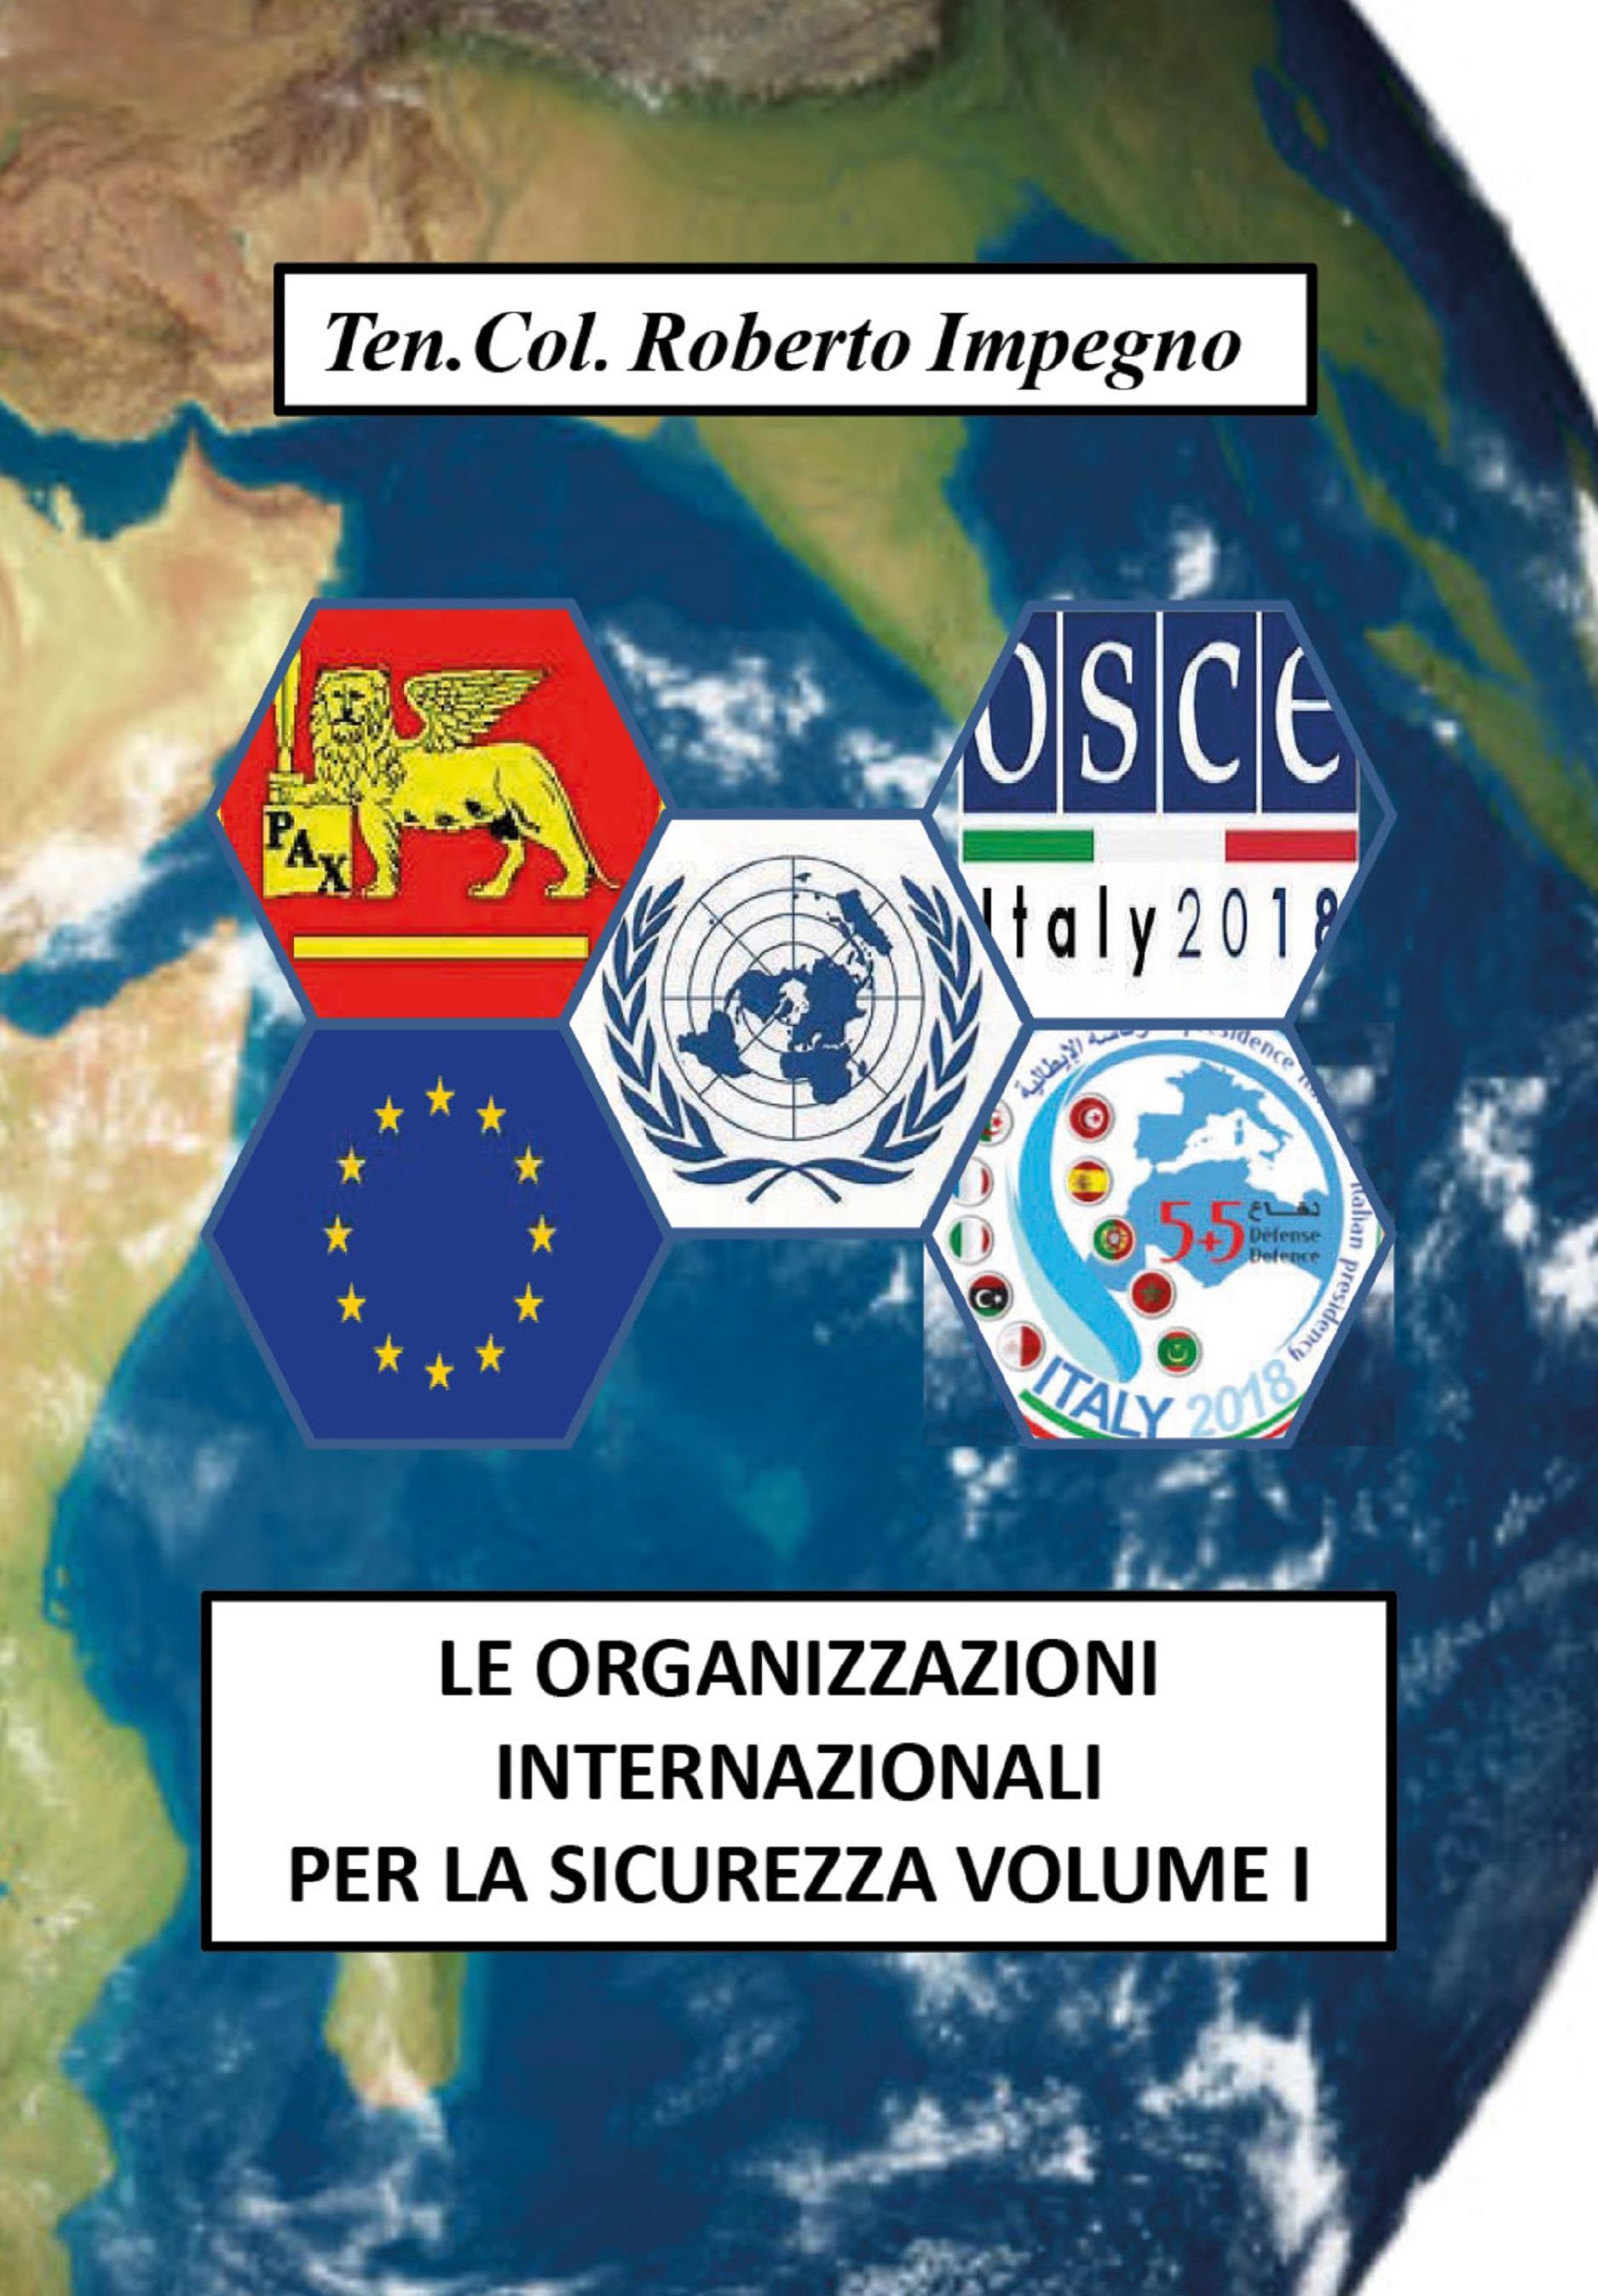 Le Organizzazioni Internazionali per la Sicurezza  Volume I